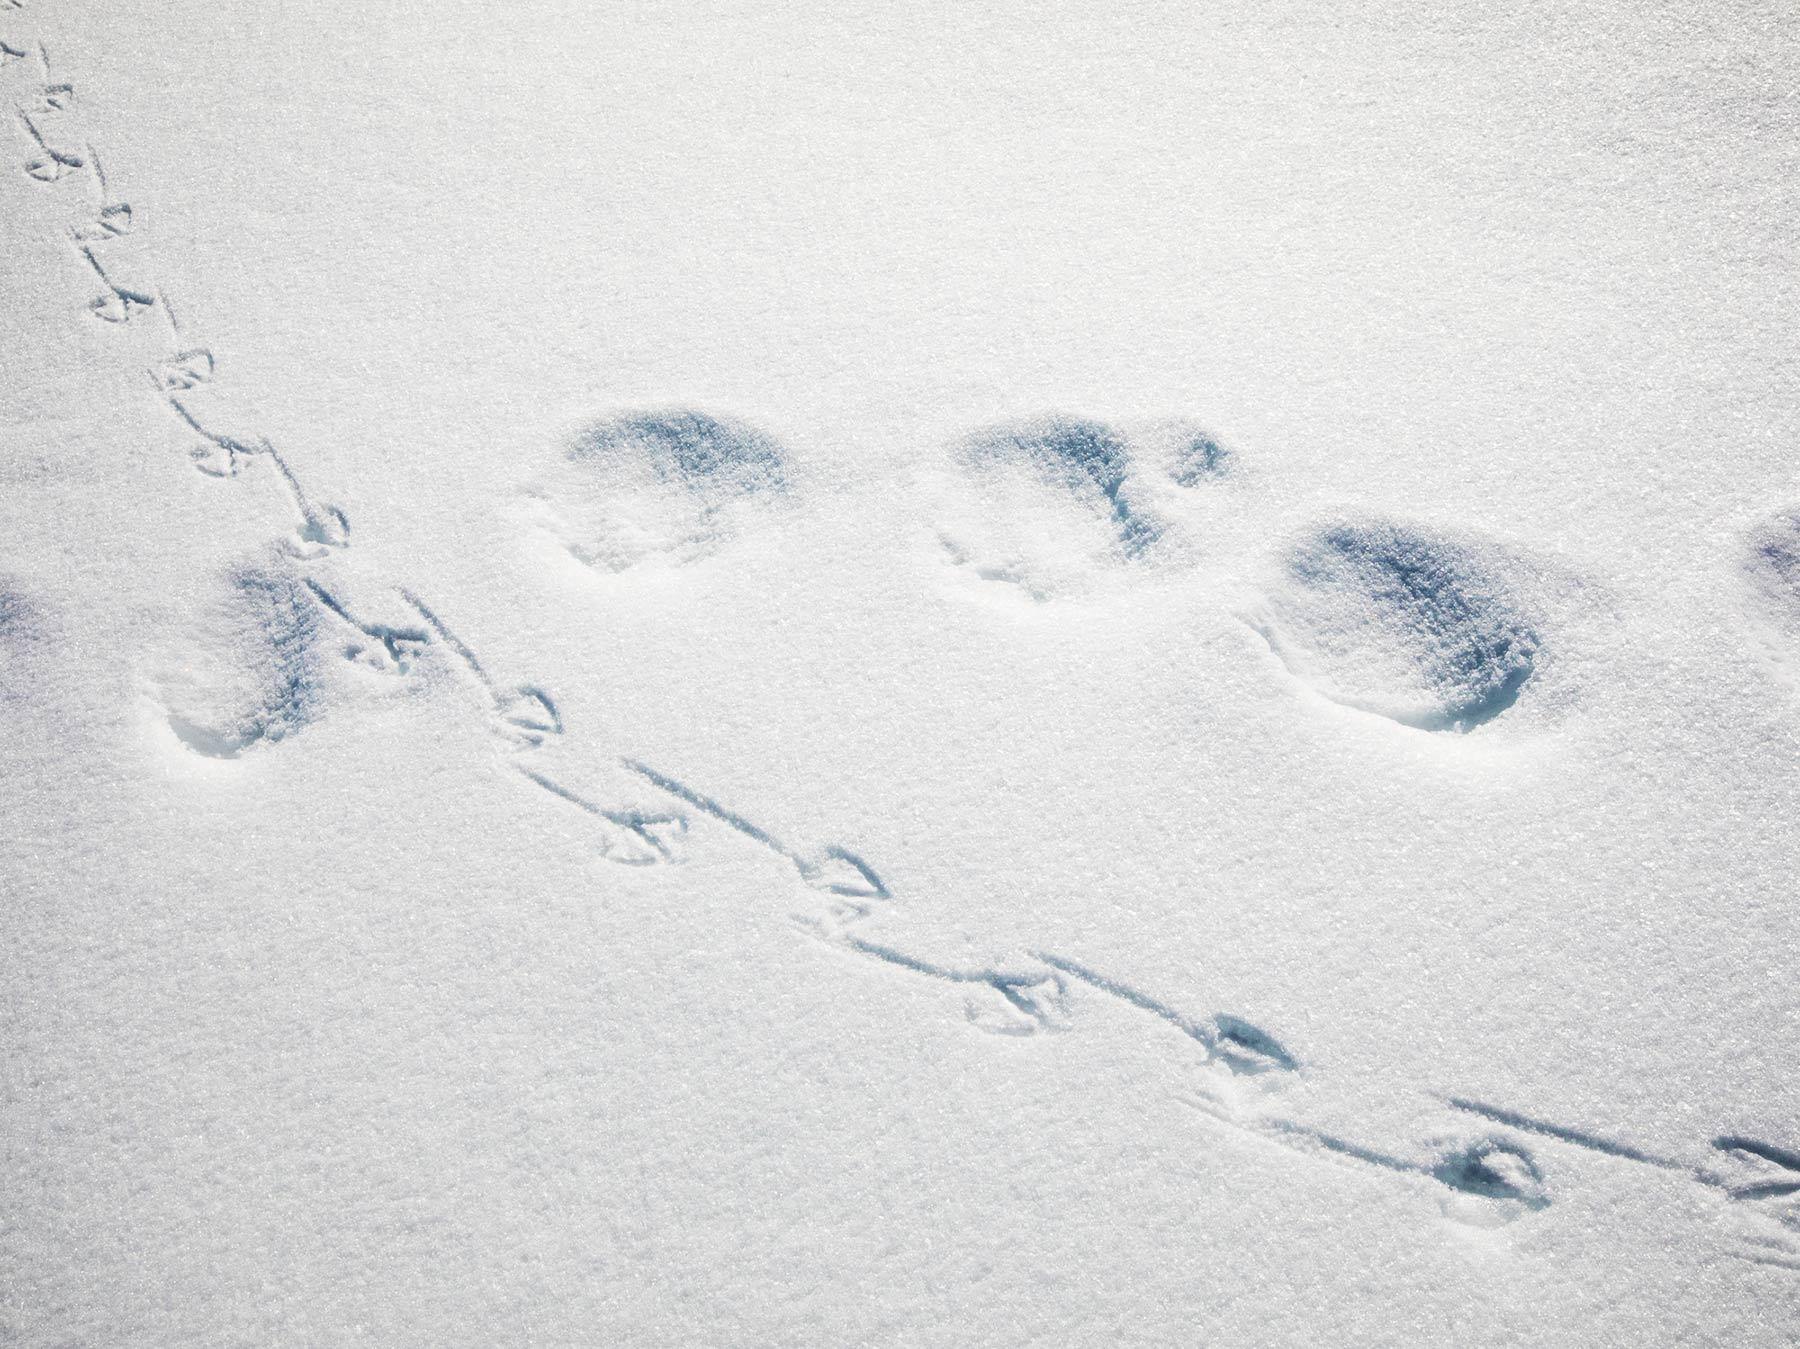 wildlife tracks snow polar bear bird